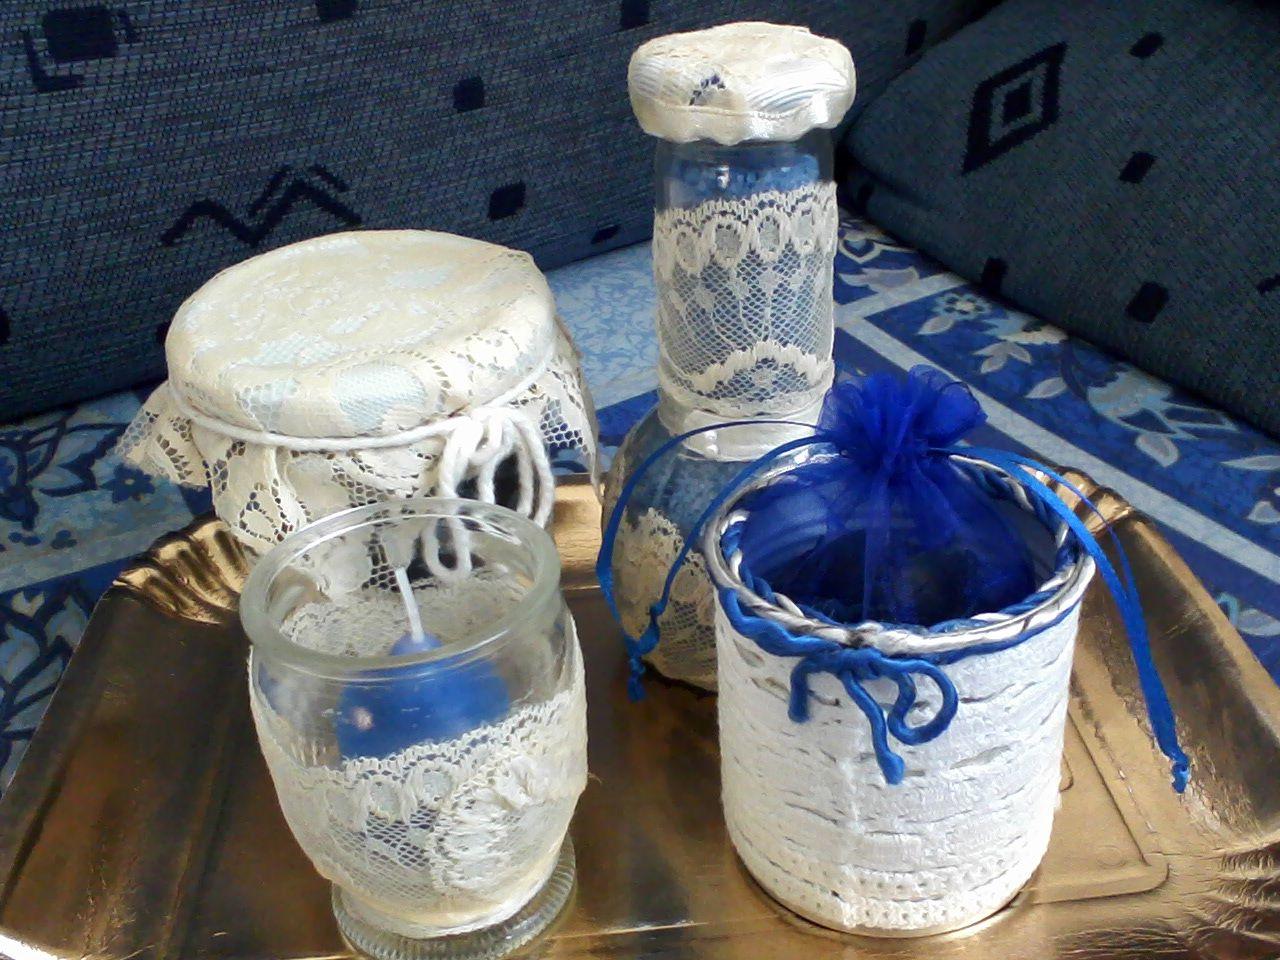 Barattoli di vetro porta porta candele porta sali da bagno e porta sacchettino - Porta sali da bagno ...